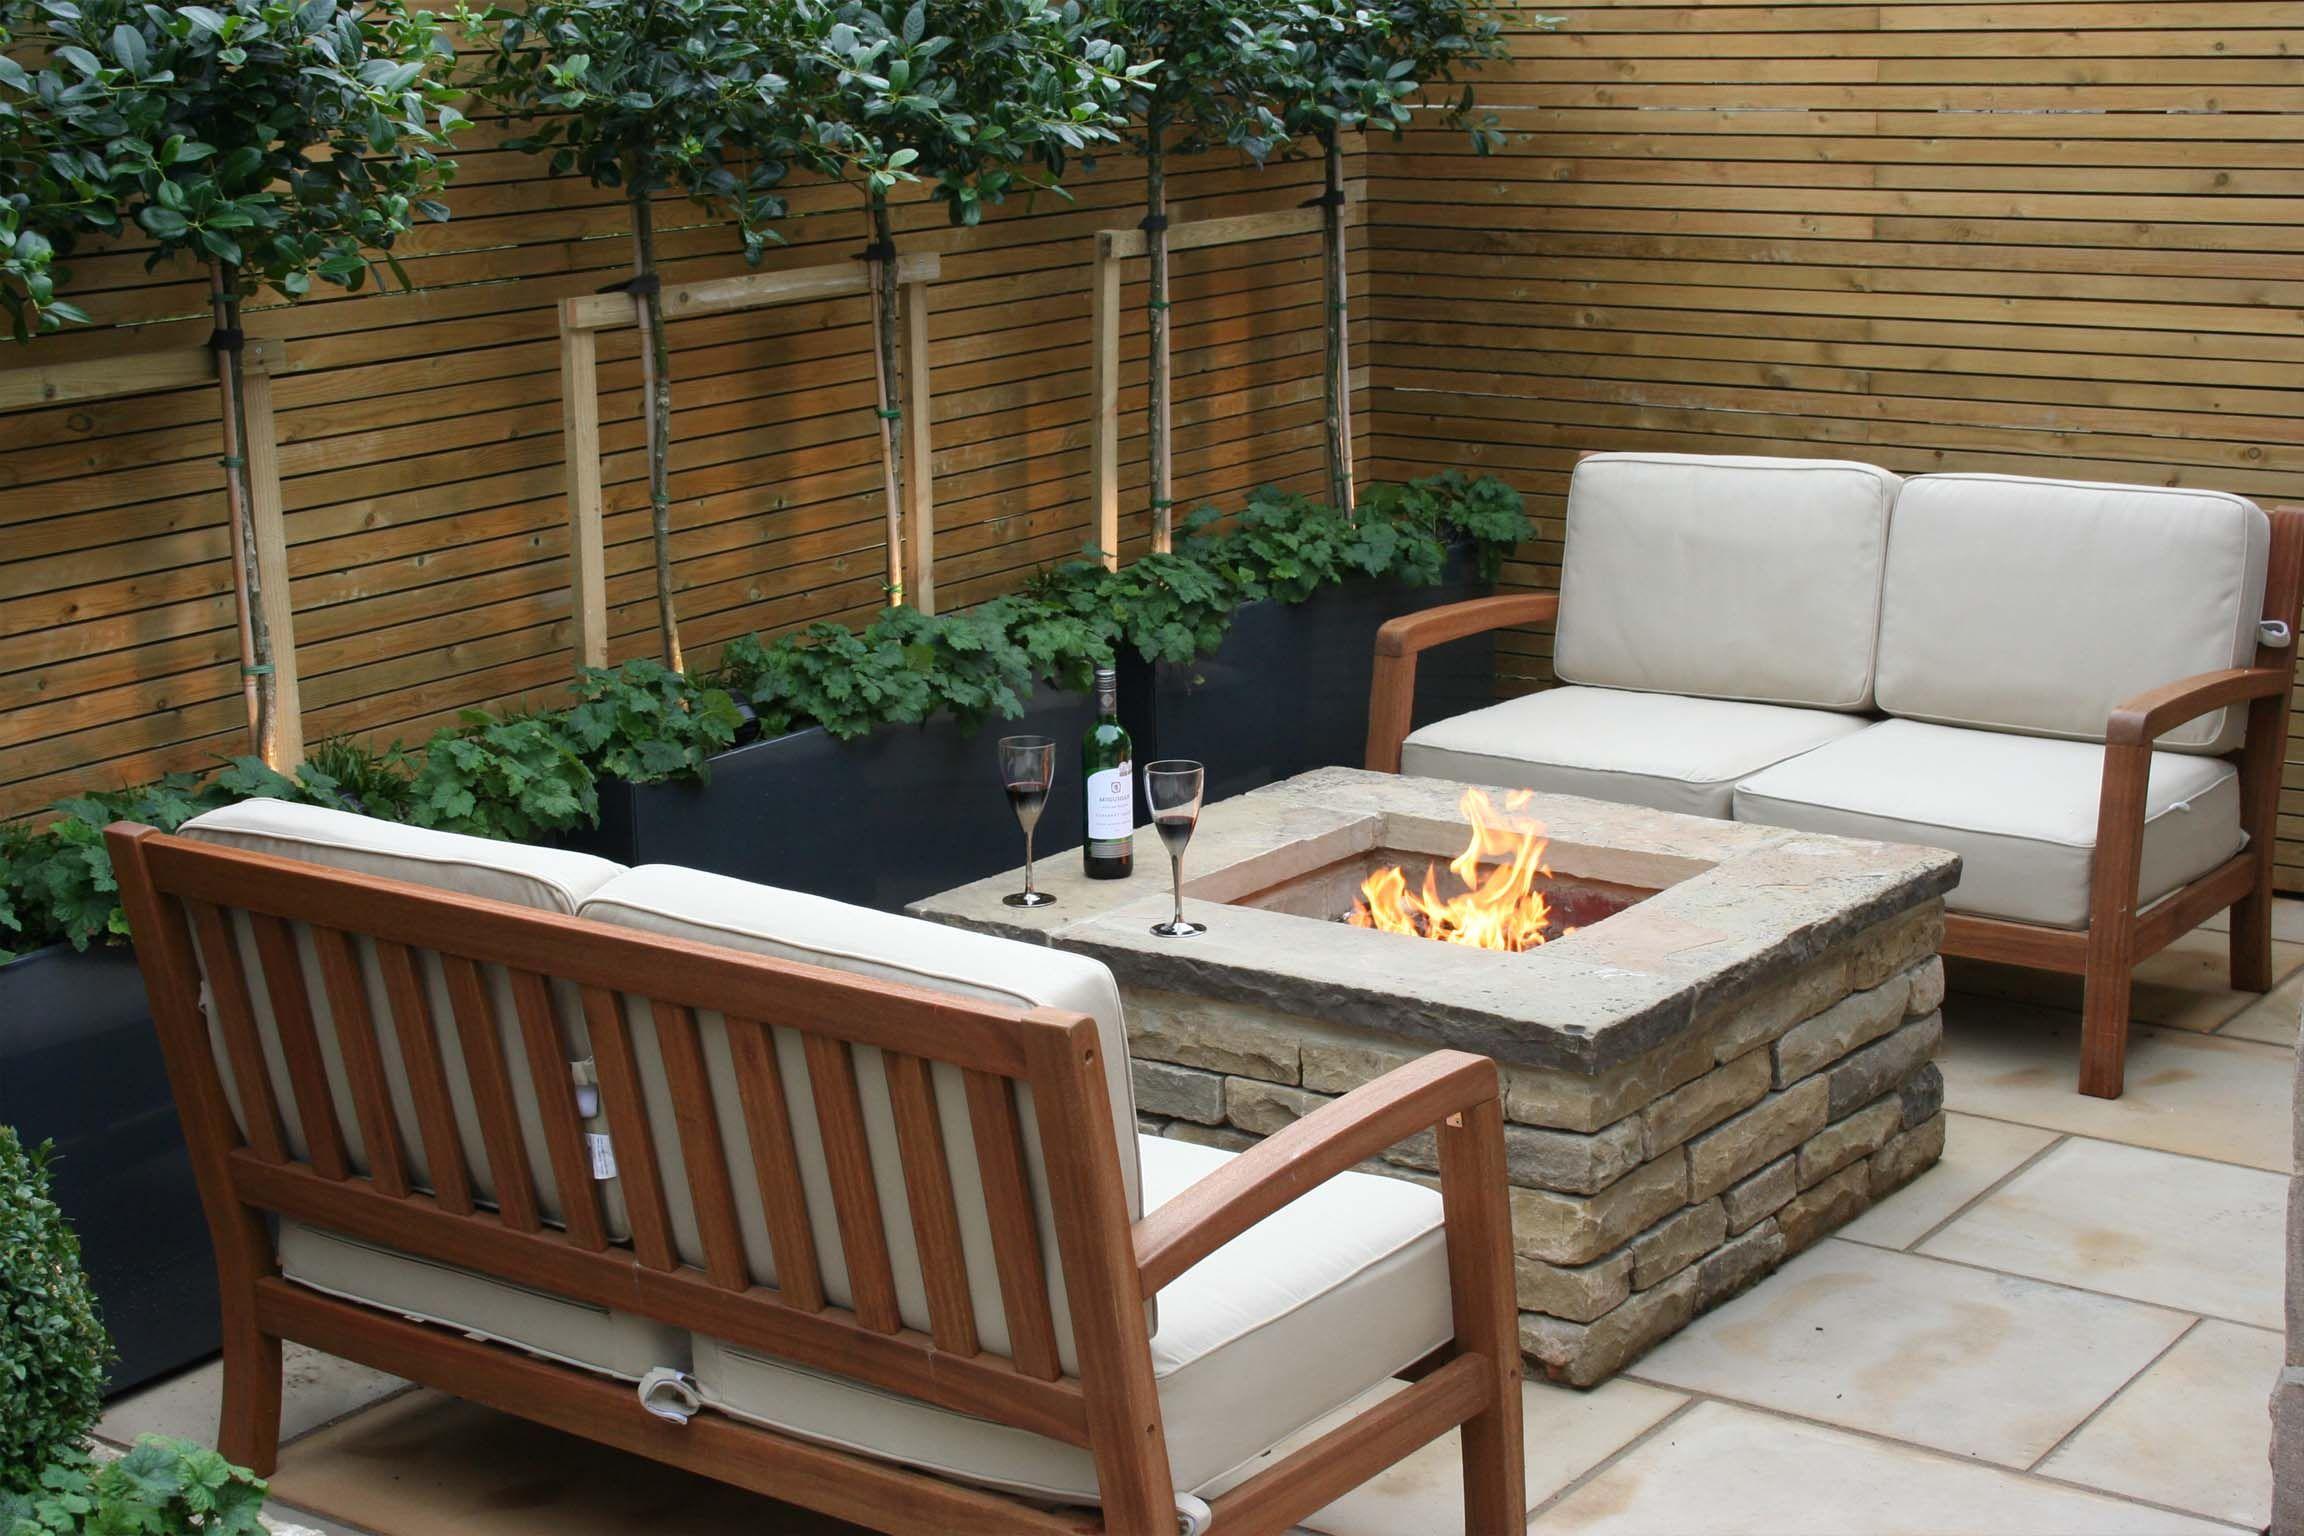 Urban Chic Courtyard Garden Outdoor Fire Pit Outdoor Sofas Bestall